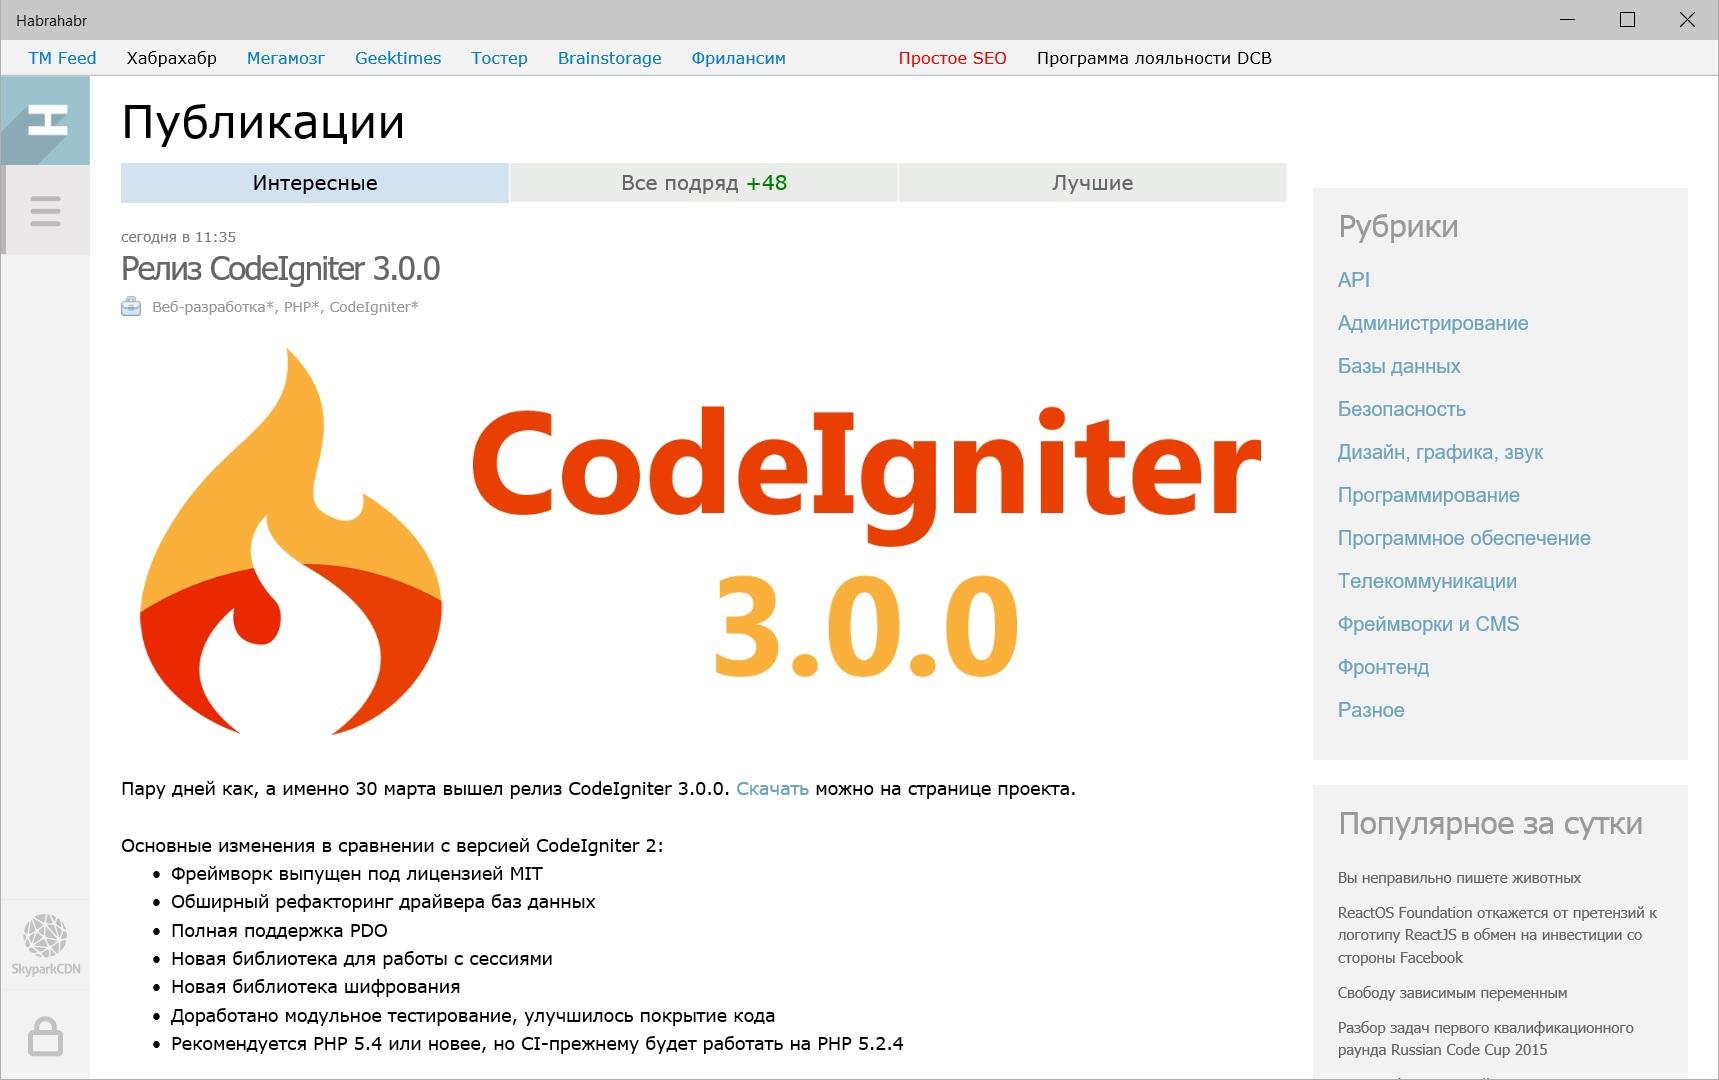 Создание универсального веб-приложения сайта Habrahabr.ru при помощи Web App Template - 16